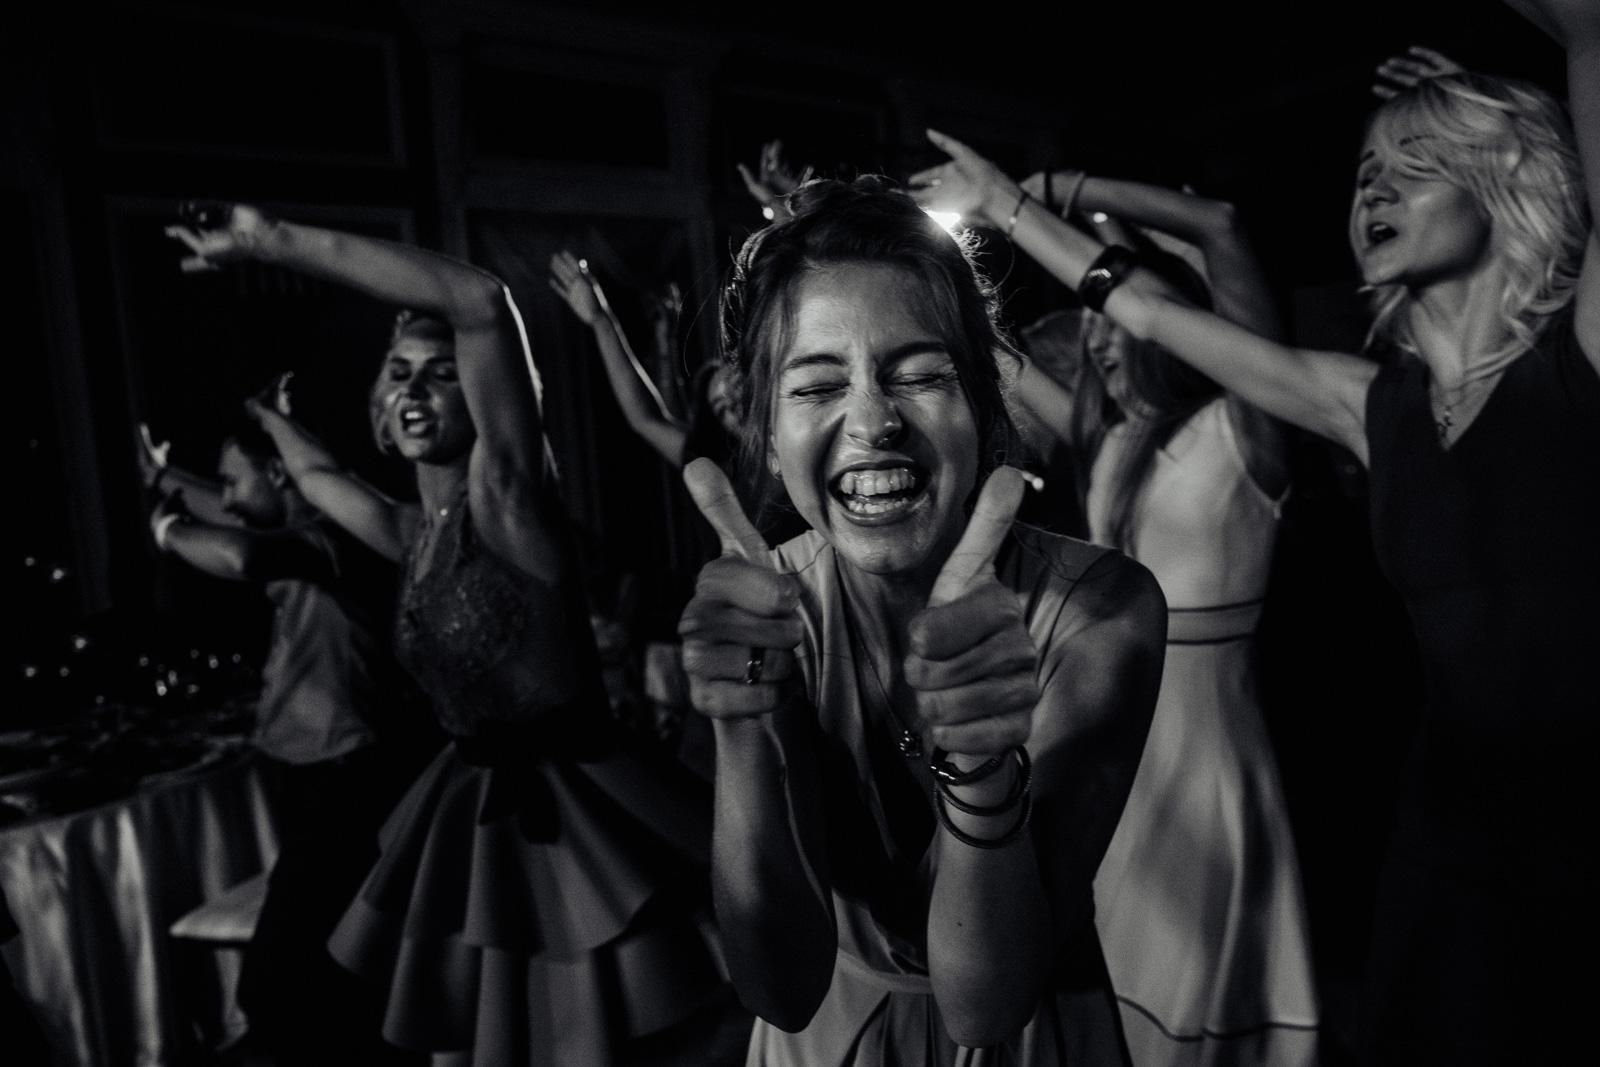 Они живут танцами! - Фотограф Виктория Куприна